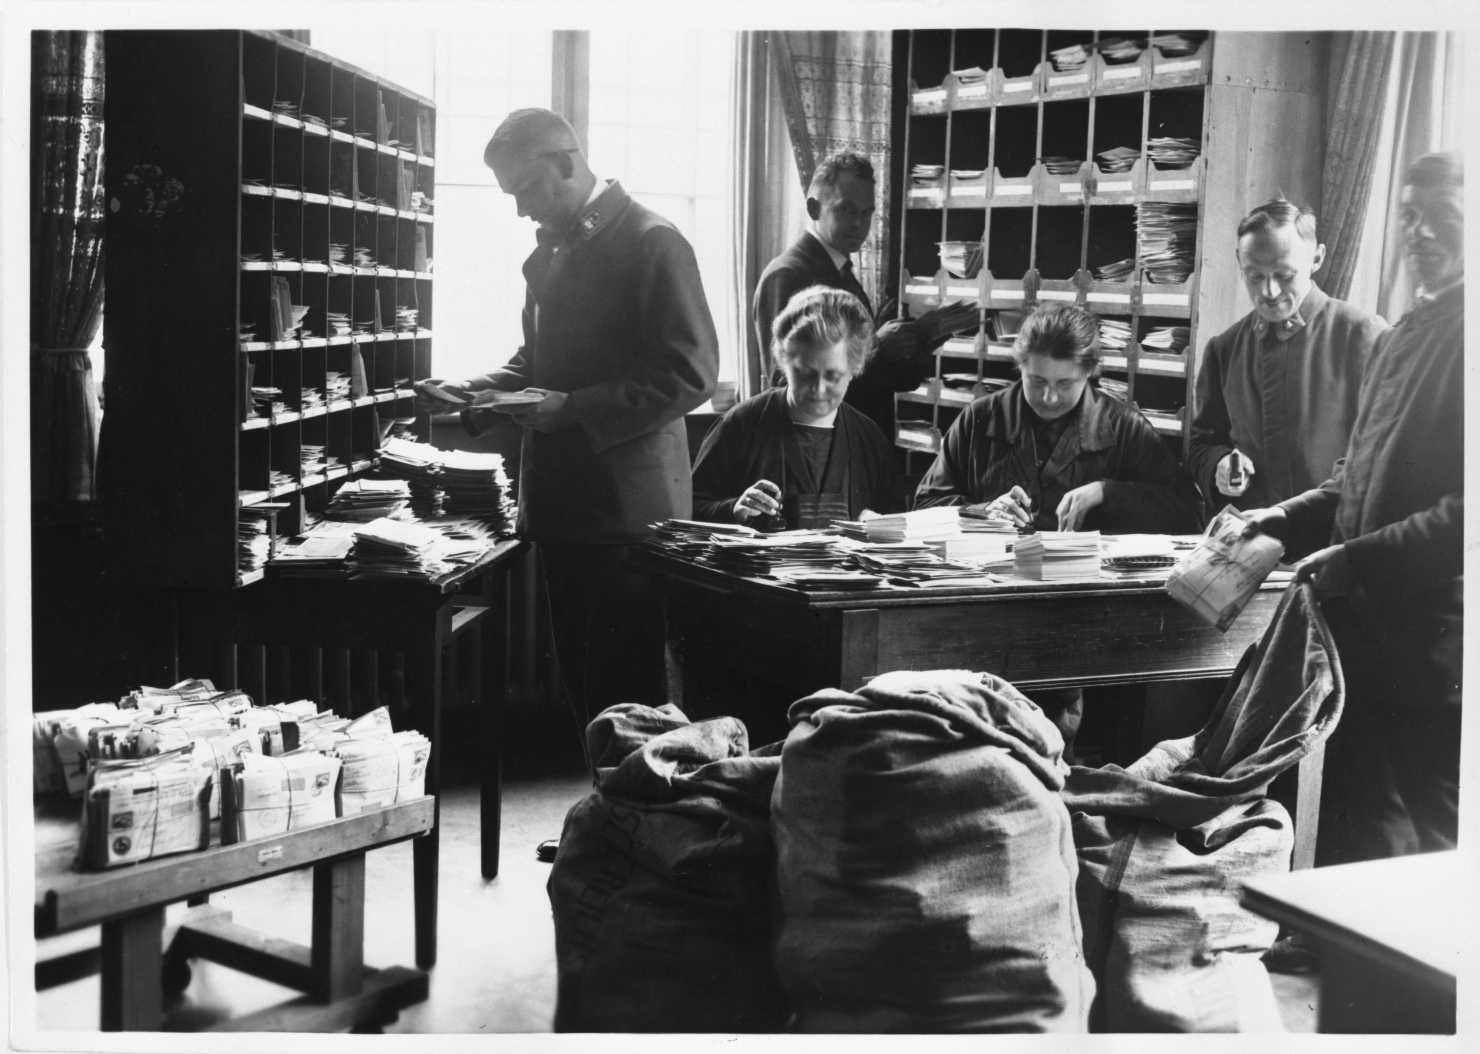 Bearbeitung von Sammlerpost auf dem Friedrichshafener Postamt. Bildquelle: Archiv der Luftschiffbau Zeppelin GmbH